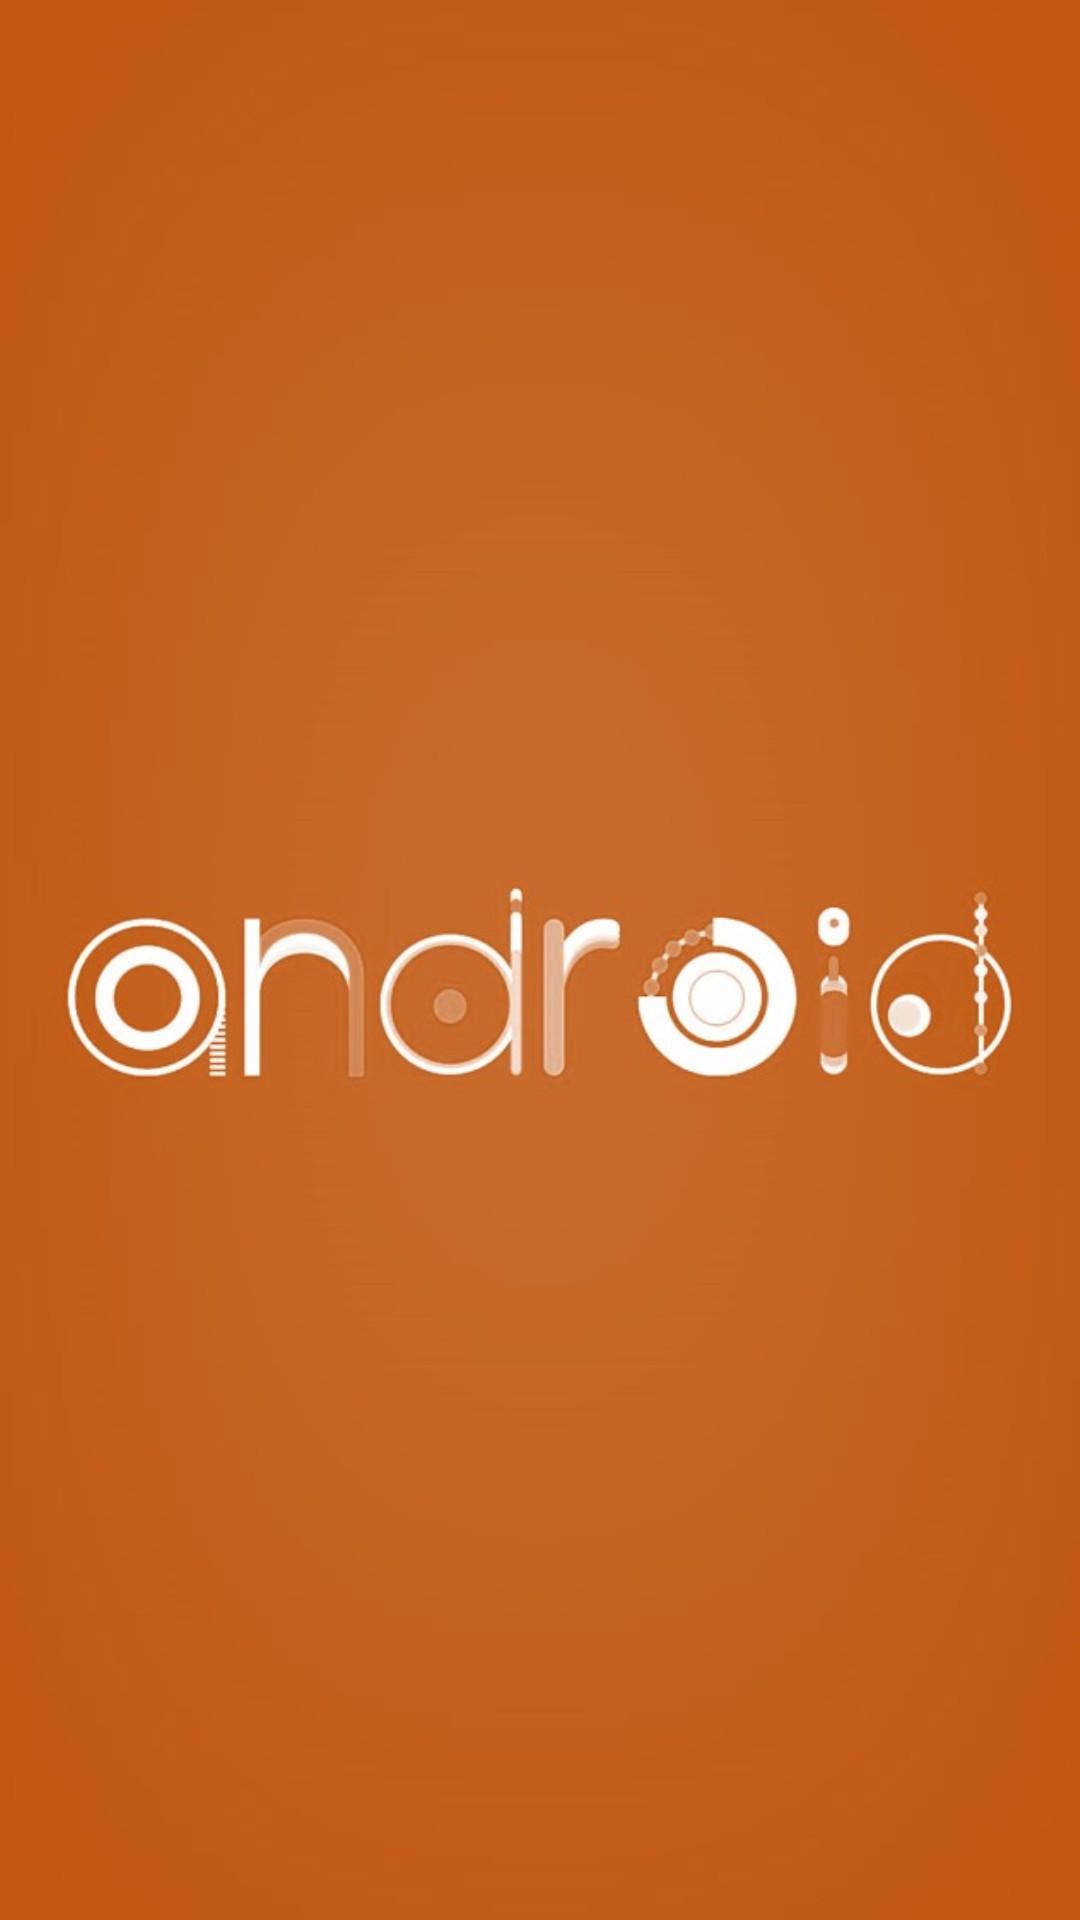 안드로이드 로고 심플 디자인 배경화면 4종 (3).jpg